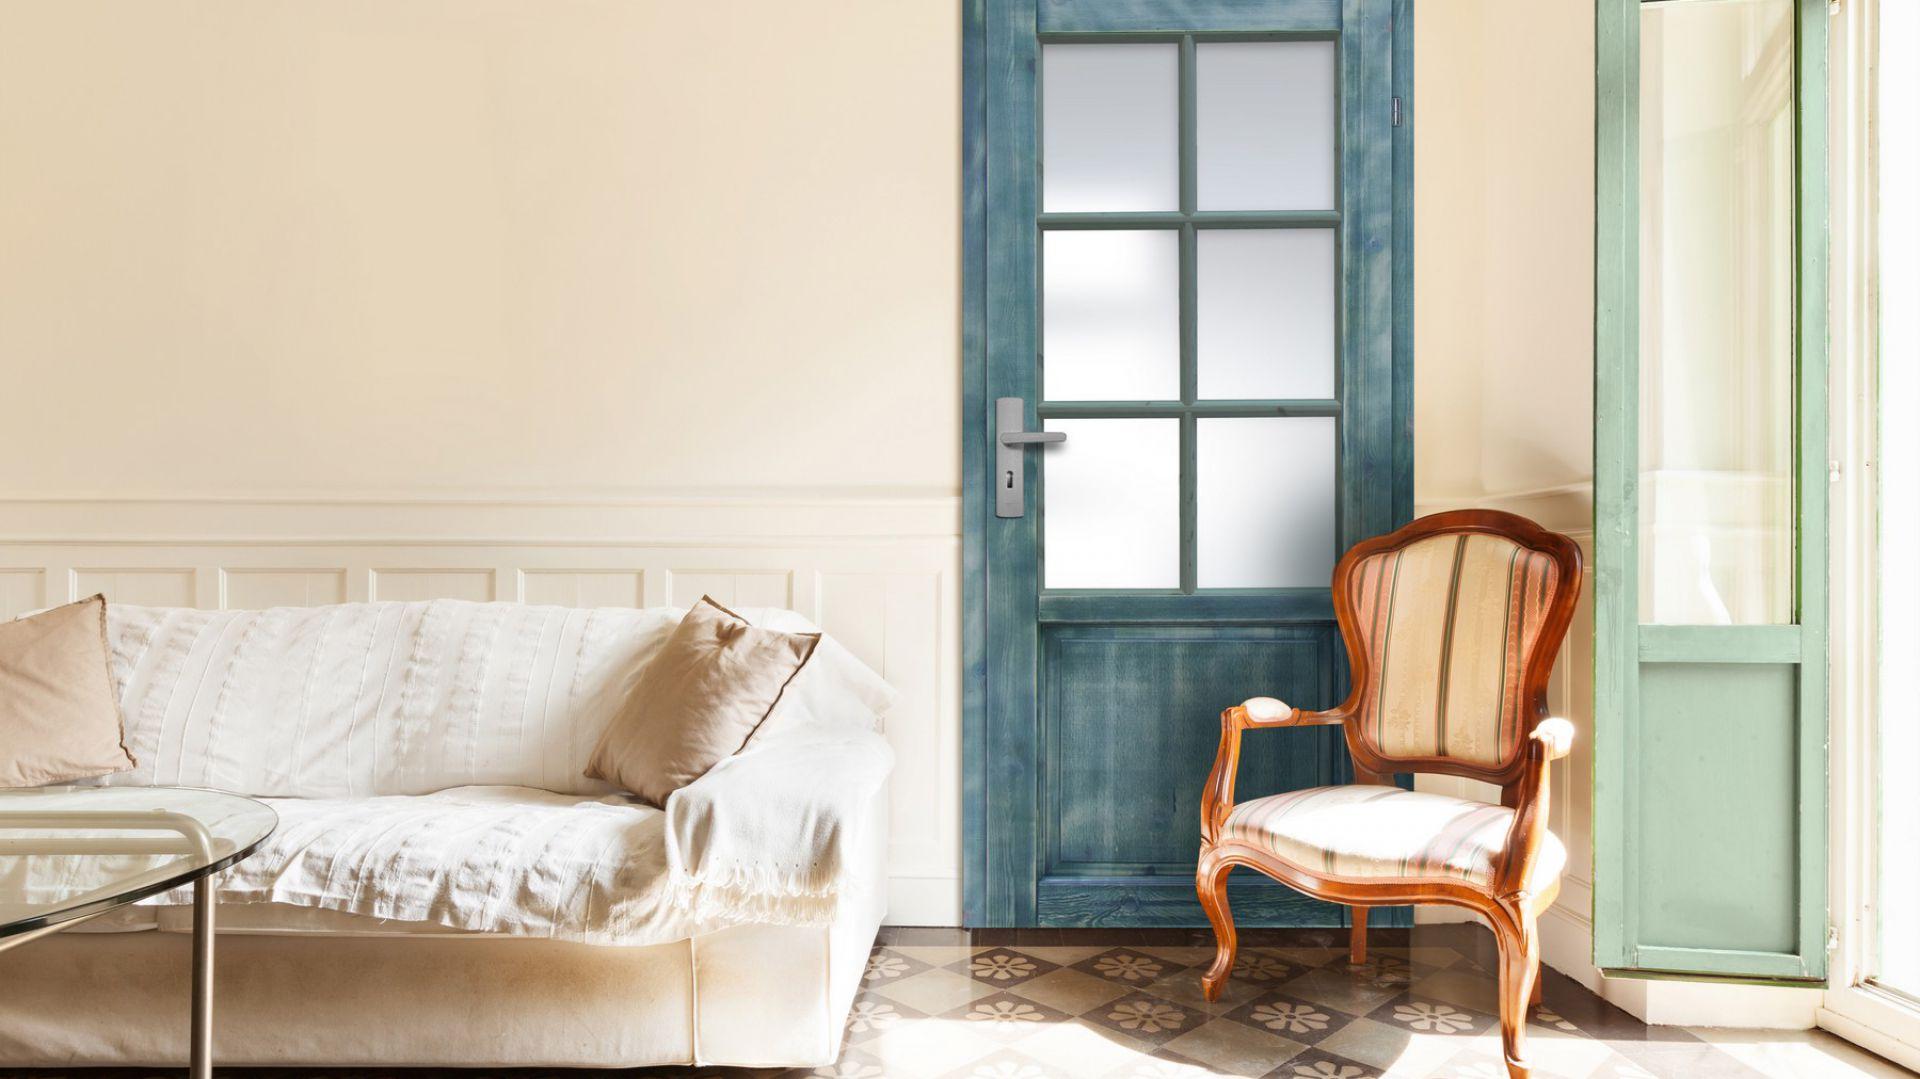 Powiemy Wam dlaczego warto zainwestować w drewniane drzwi